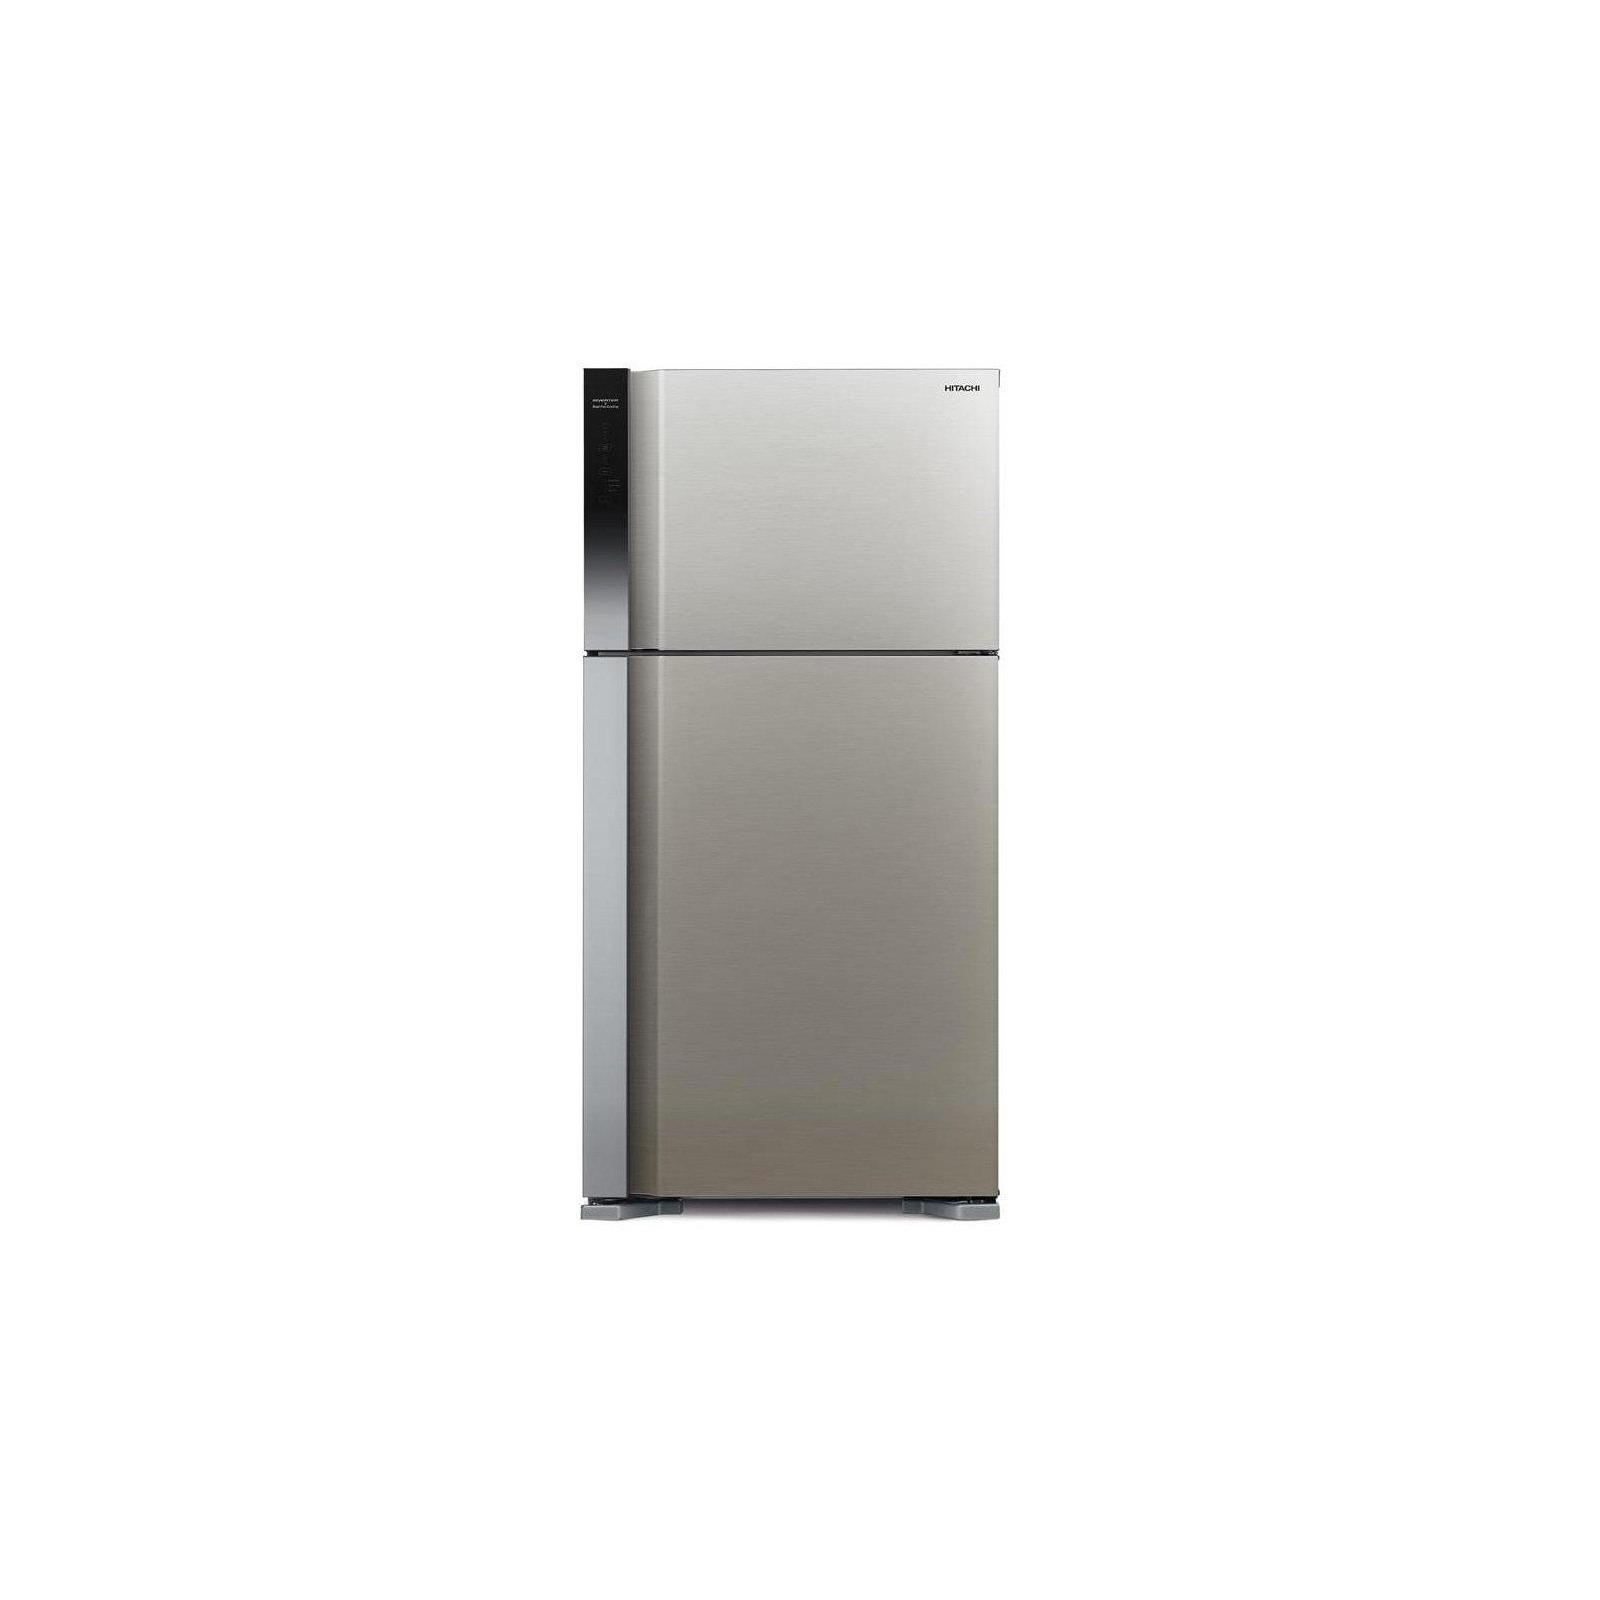 Холодильник Hitachi R-V610PUC7BSL изображение 2